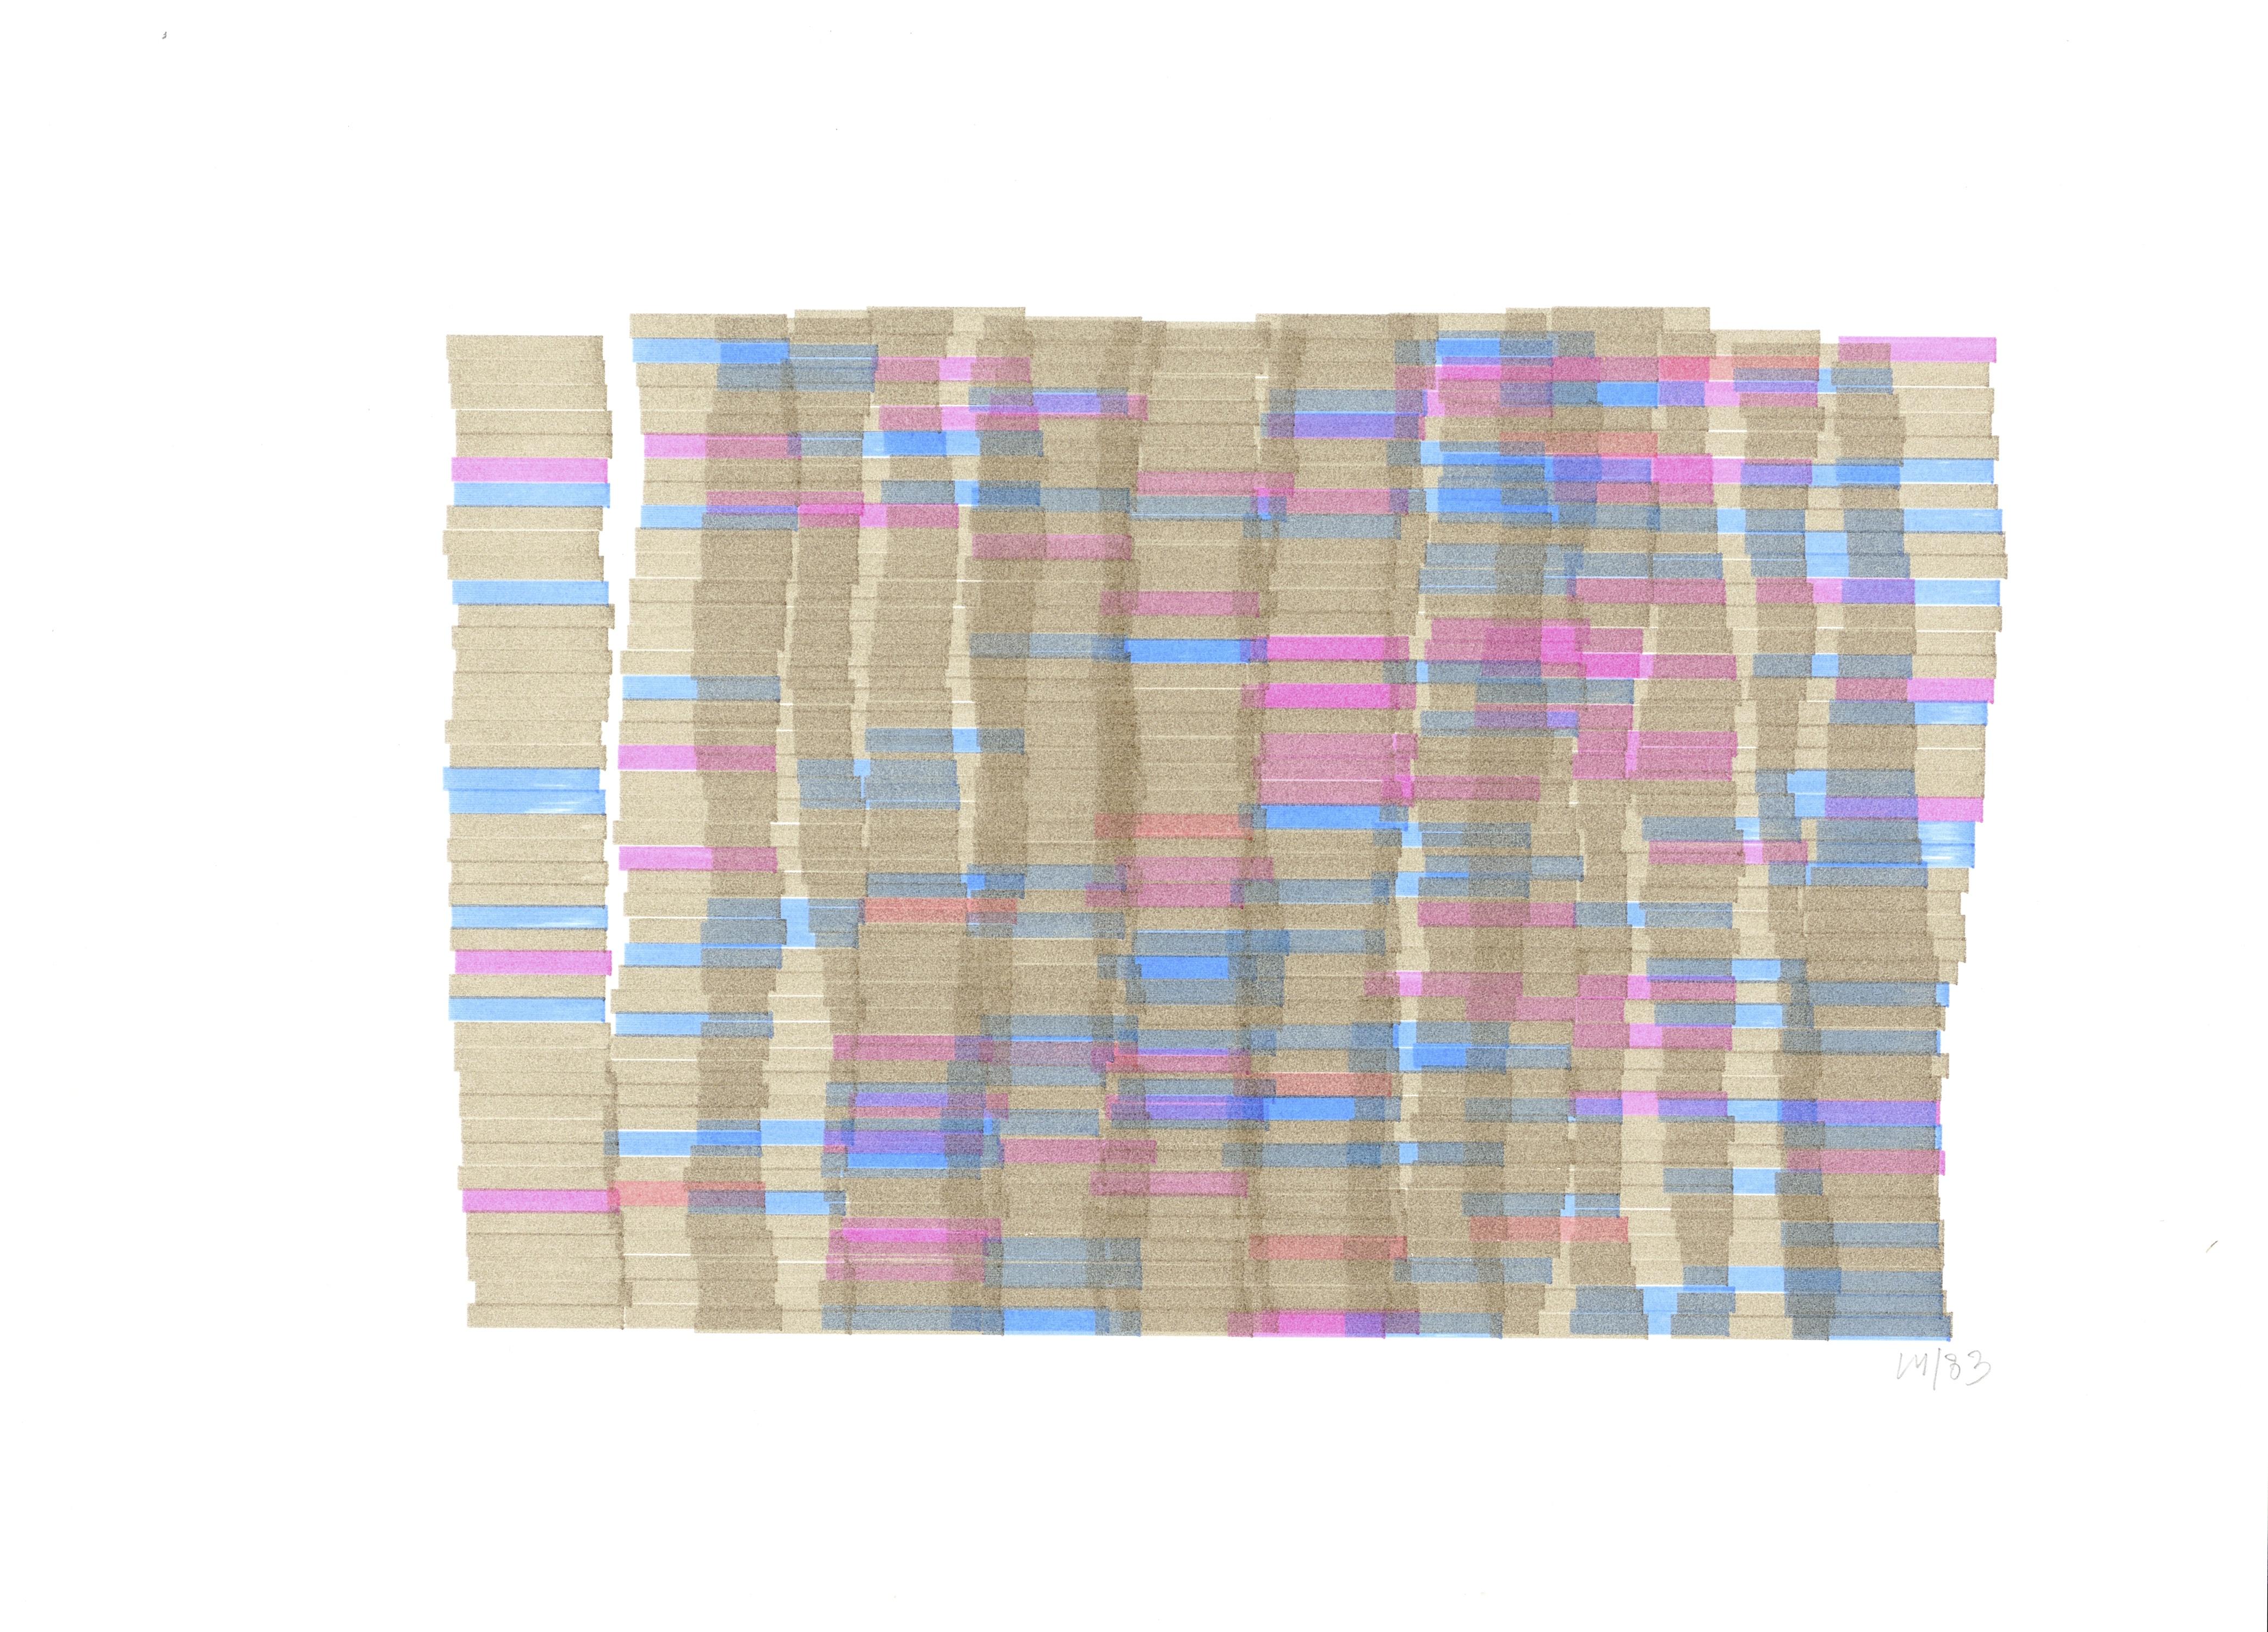 Vera Molnar, Hommage à Monet (étude), Plotterzeichnung, Tinte auf Papier, 20x 29 cm, 1983